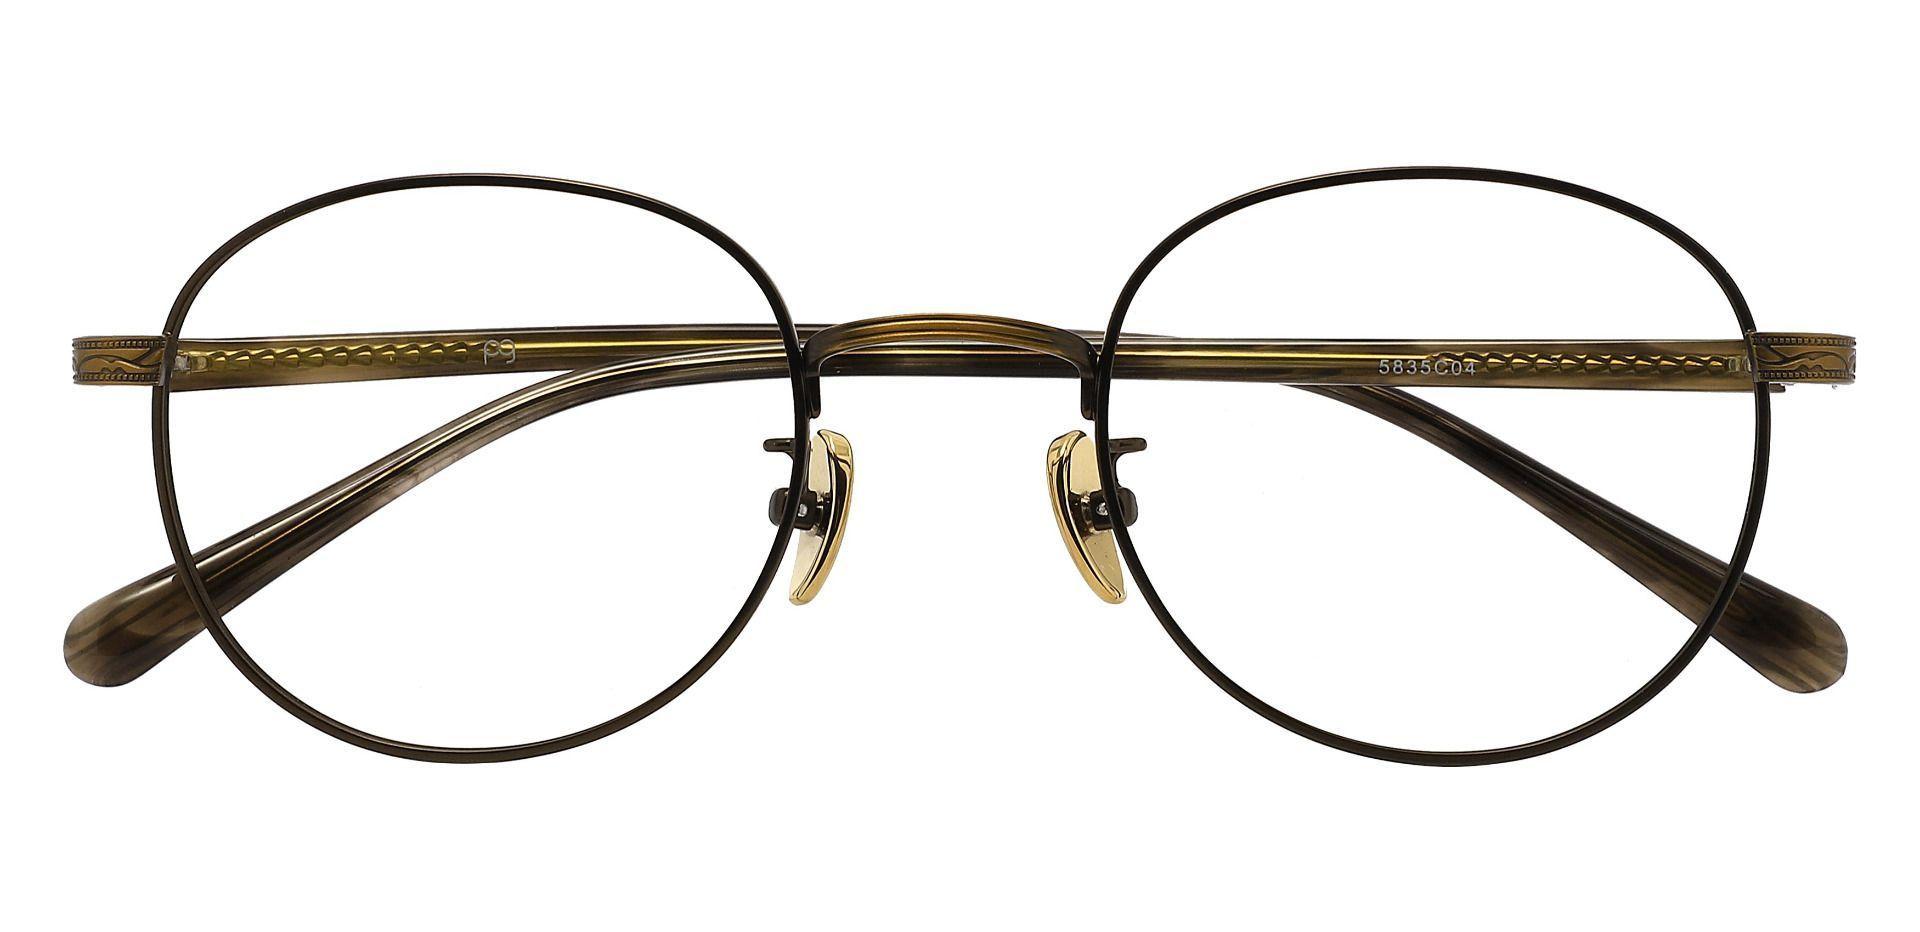 Atkinson Oval Prescription Glasses - Brown